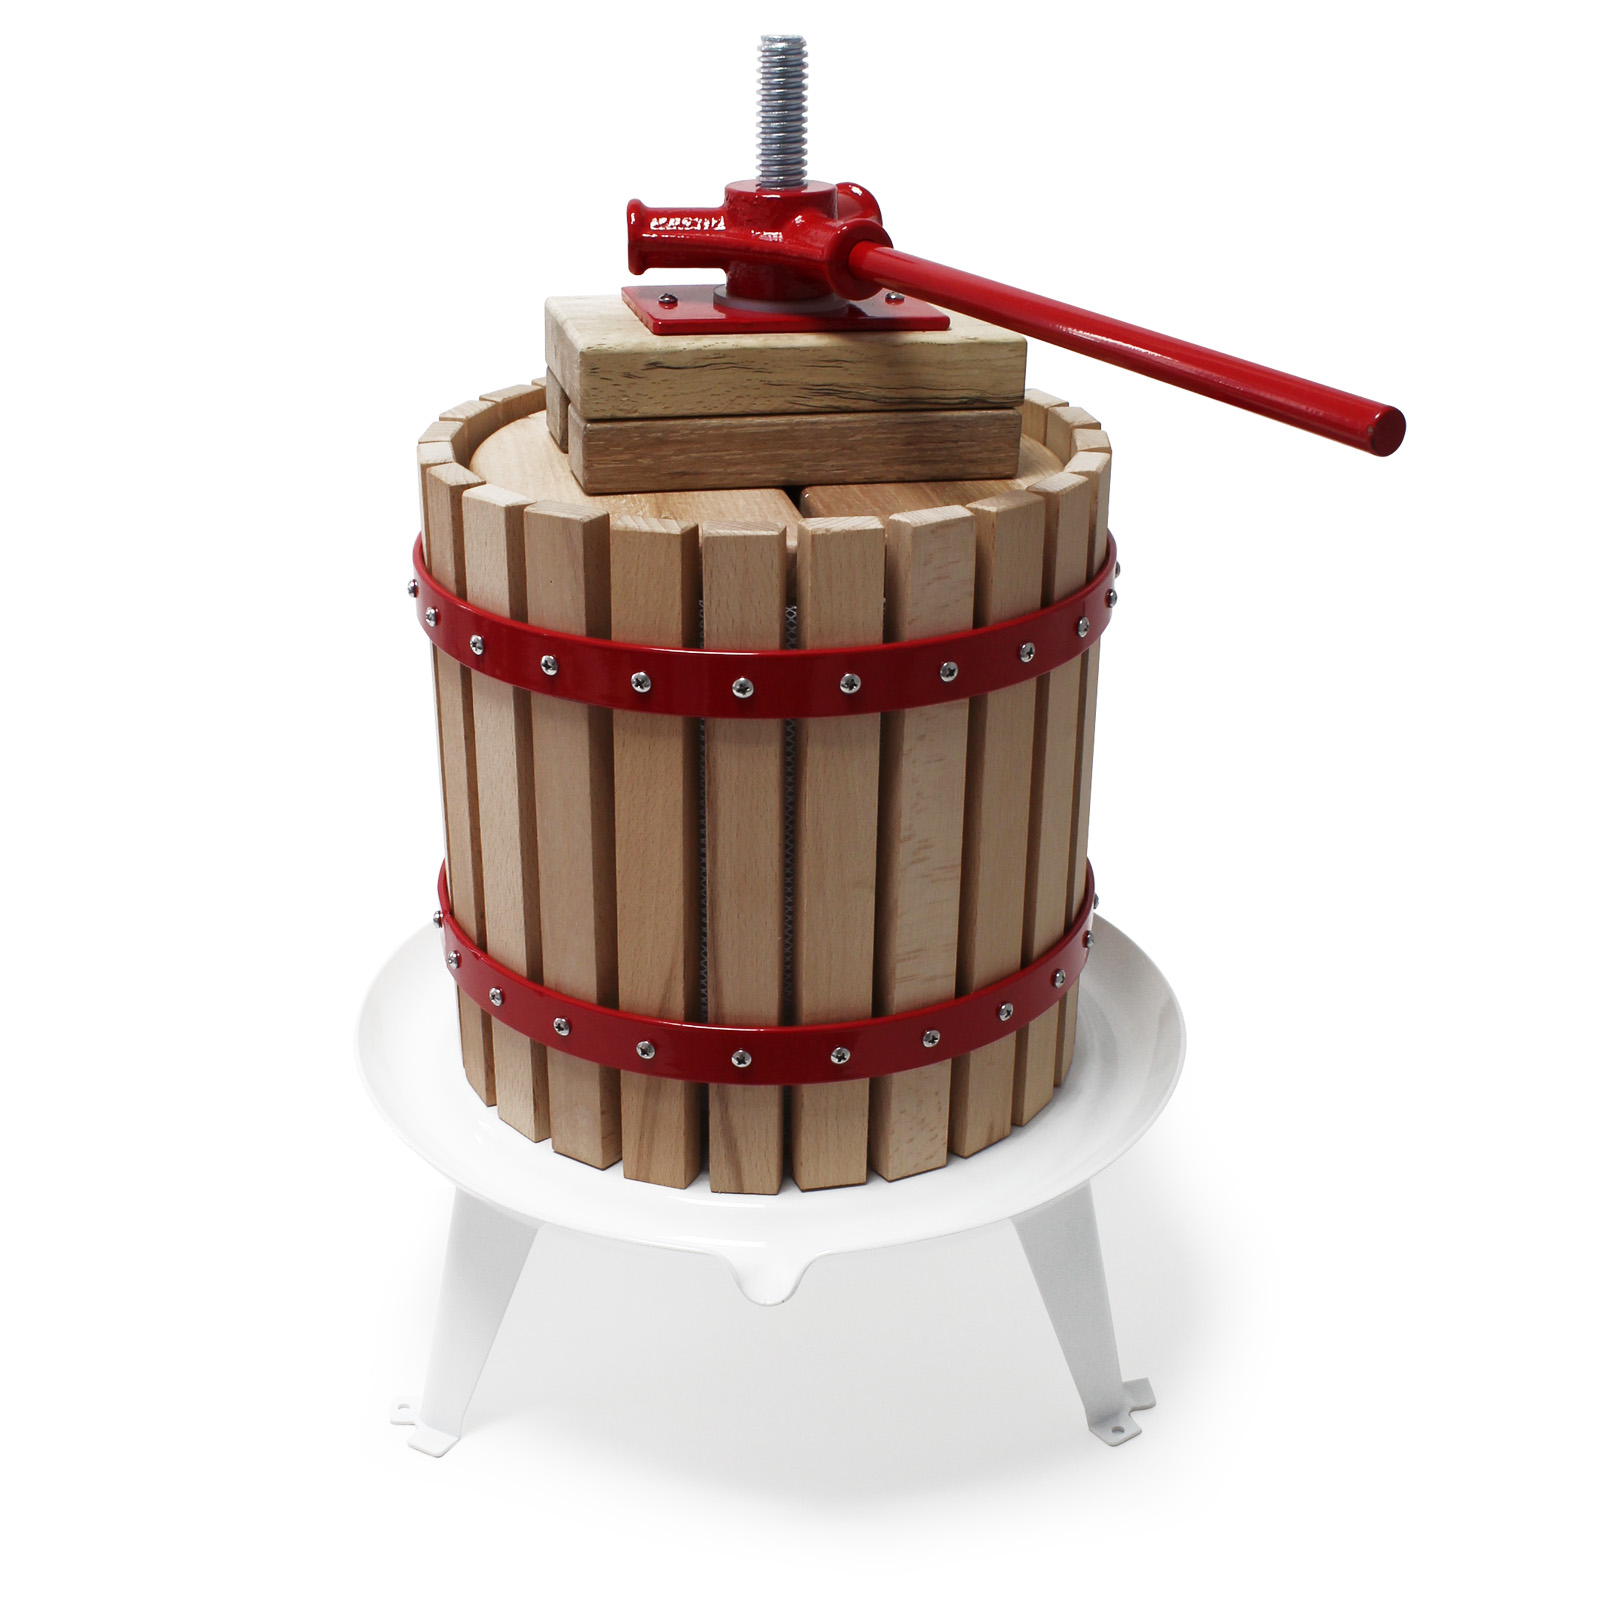 12l presse fruits incl torchon pour pressoir vin fruit ch ne cidre de pommes ebay. Black Bedroom Furniture Sets. Home Design Ideas